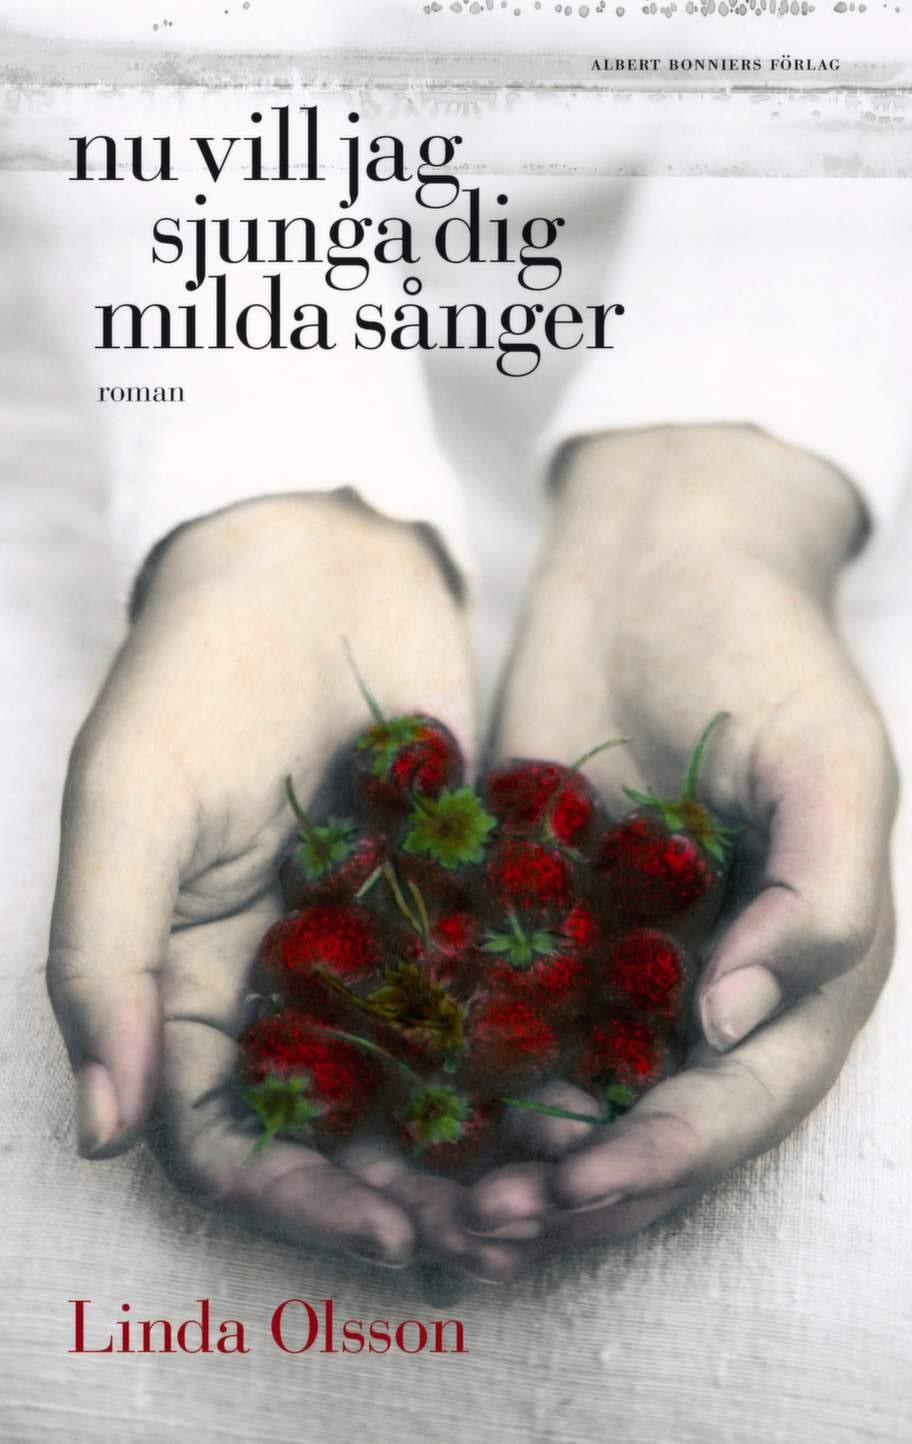 Nu vill jag sjunga dig milda sånger av Linda Olsson, Albert Bonniers Förlag<br>En lågmäld roman om en ung kvinna som tar timeout från verkligheten för att komma över en sorg. En bok om livsval, läkande efter sorg och förluster och om vänskapens kraft.